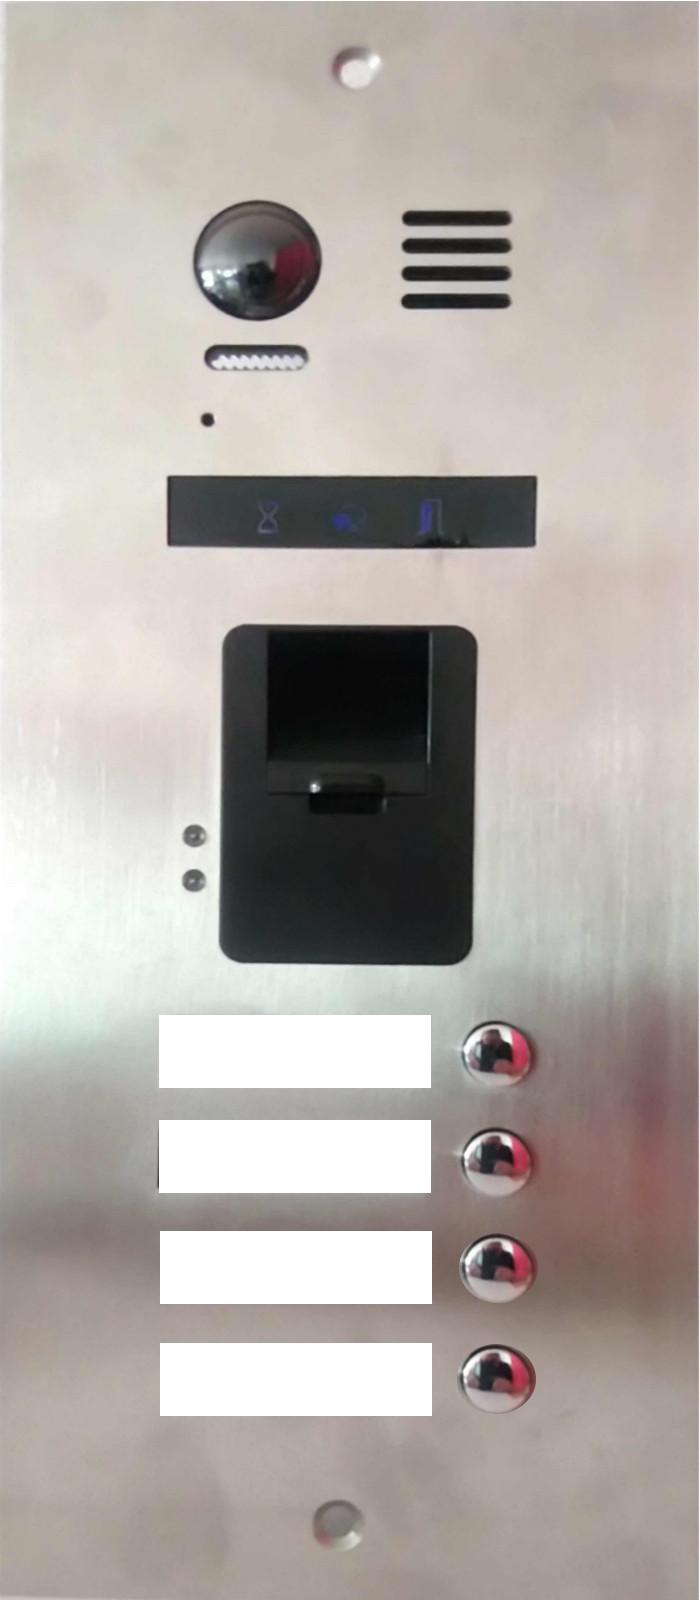 4-Familien-Video-Tuersprechanlage-mit-integrierten-Fingerabdruckleser_neuheit_exklusiv